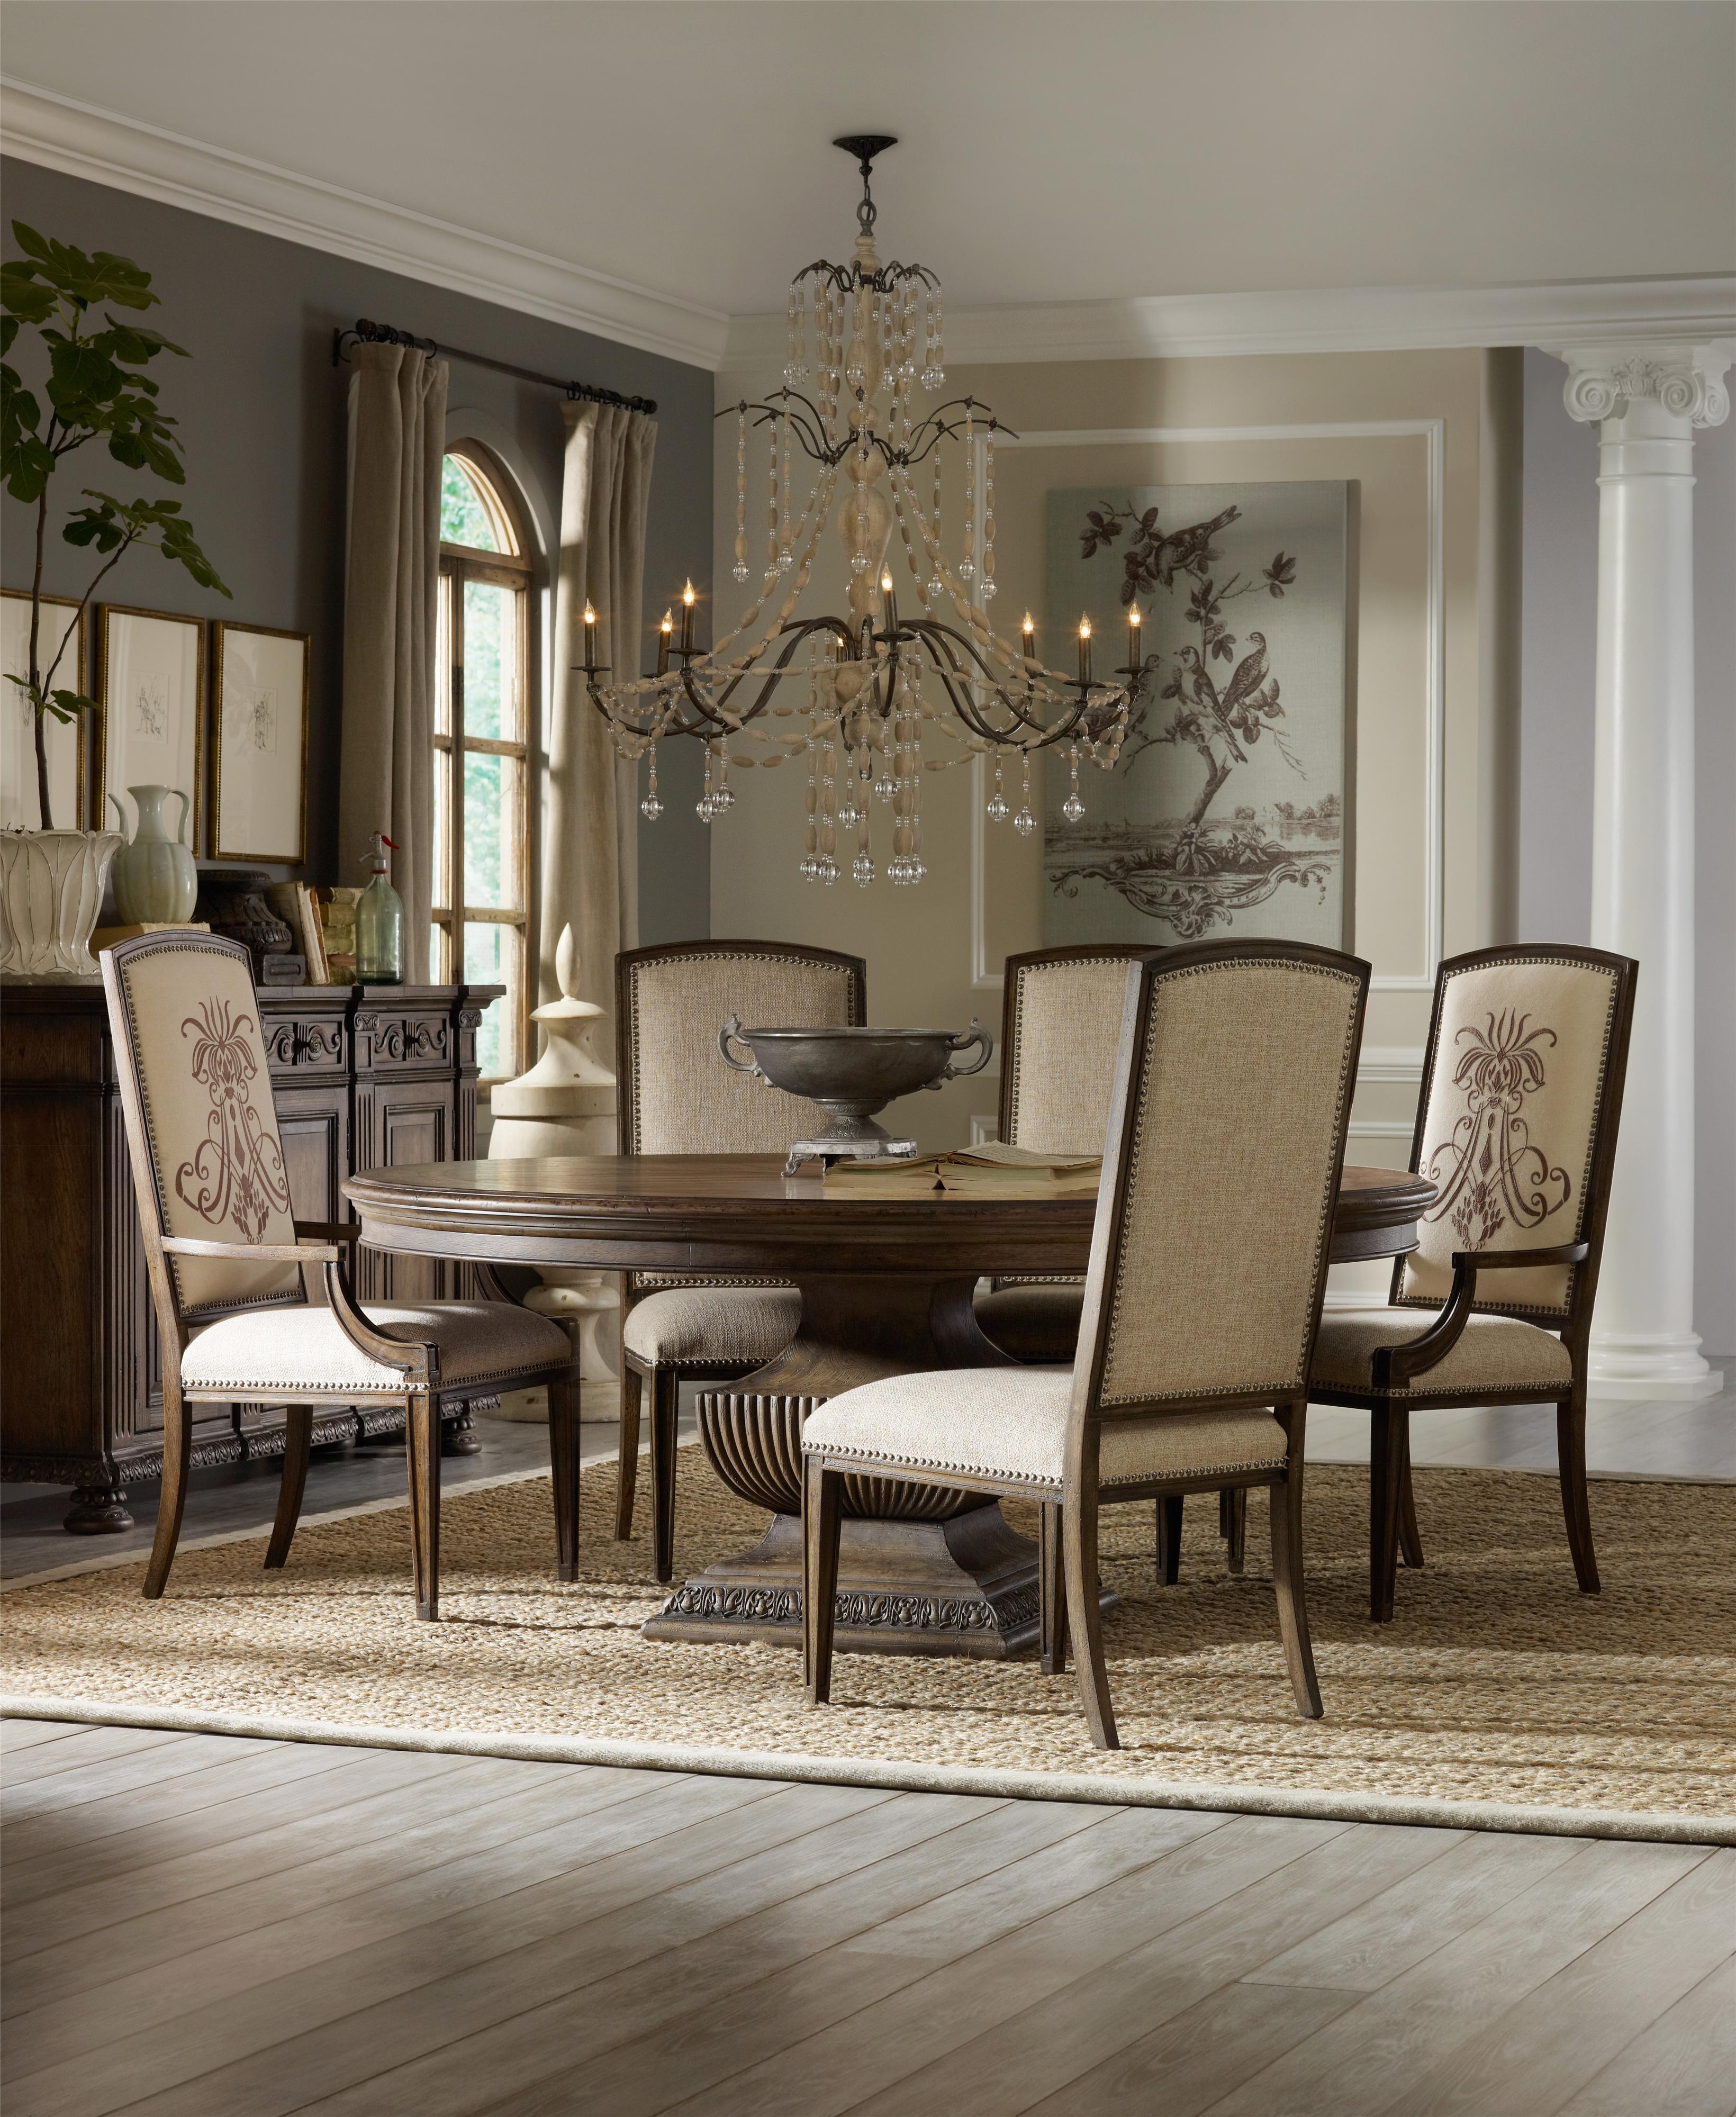 Hooker Furniture Rhapsody Formal Dining Room Group Olinde 39 S Furniture